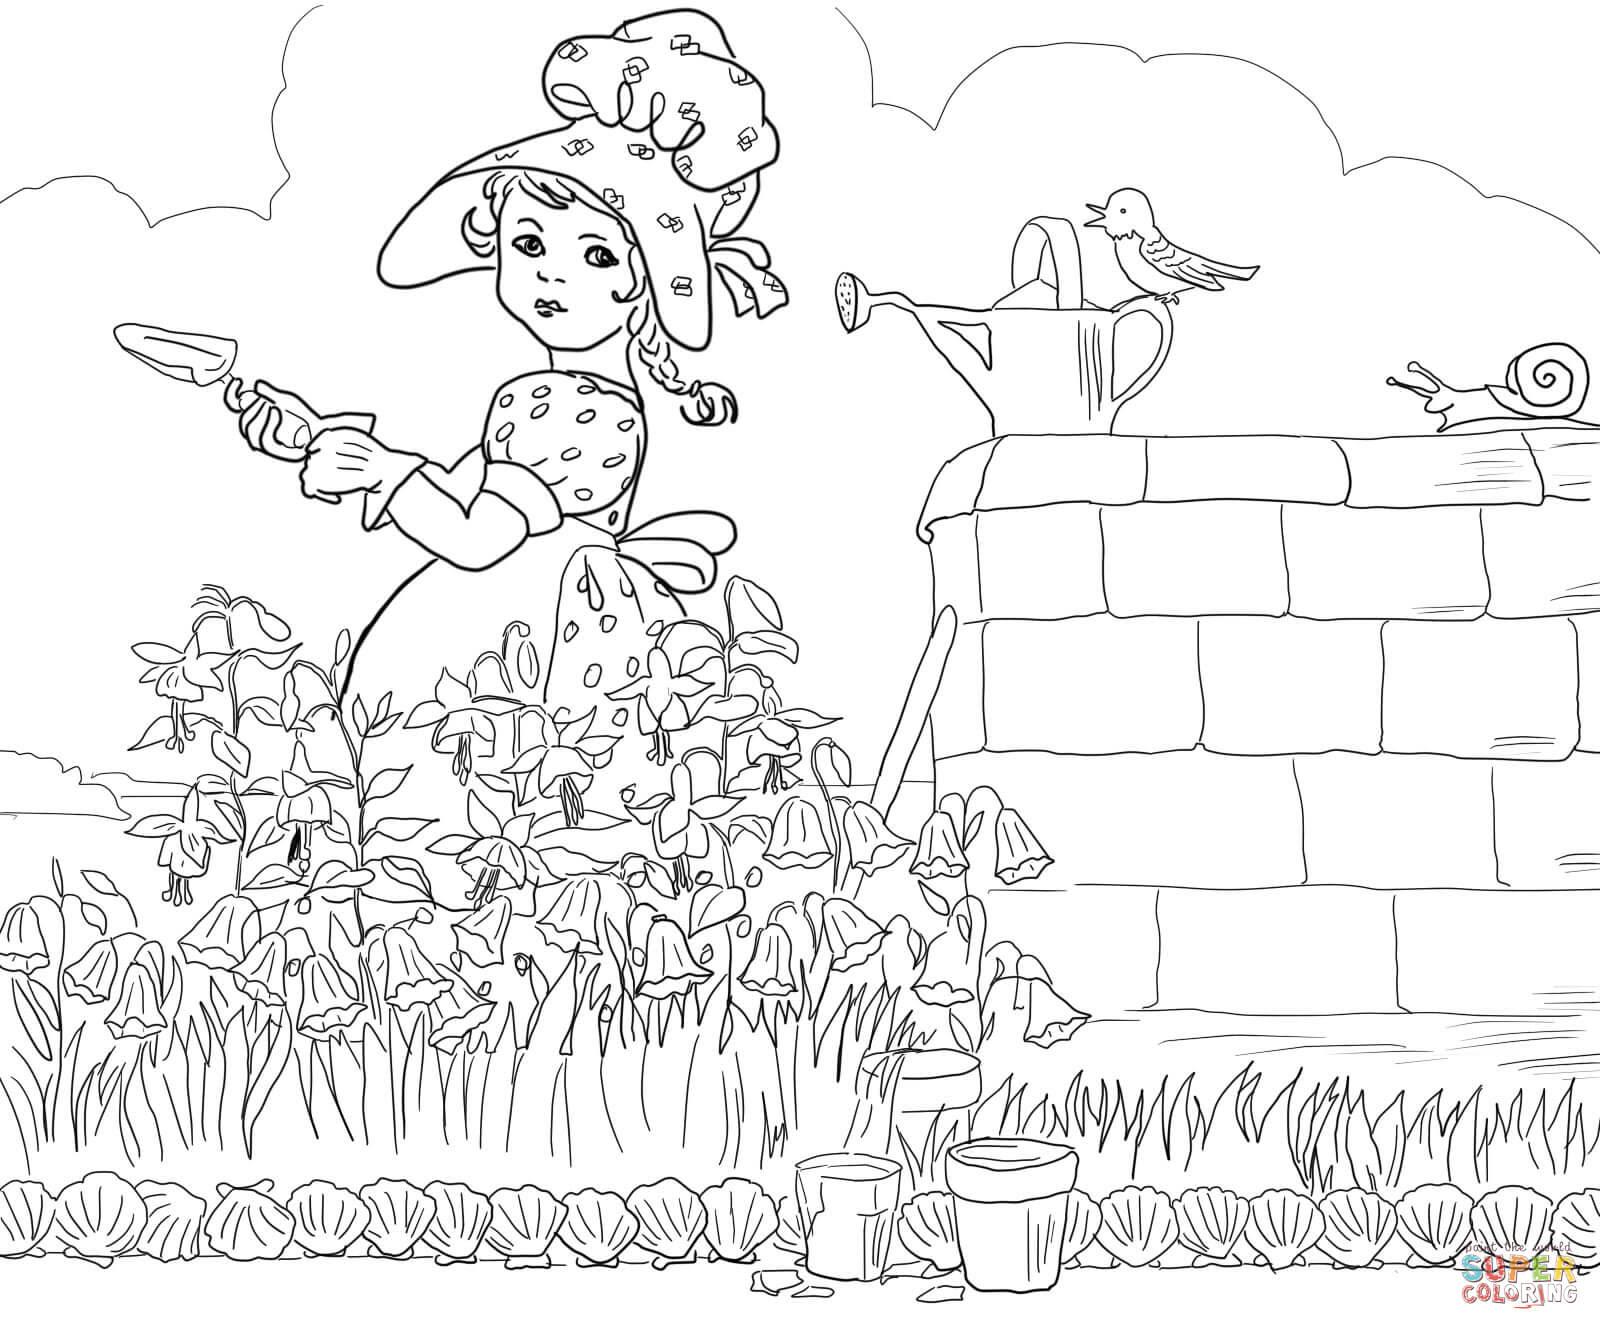 Pagine Da Colorare Per Bambini Da 2 A 3 Anni Scarica O: Fresco Disegni Da Colorare E Stampare Di Mary Poppins